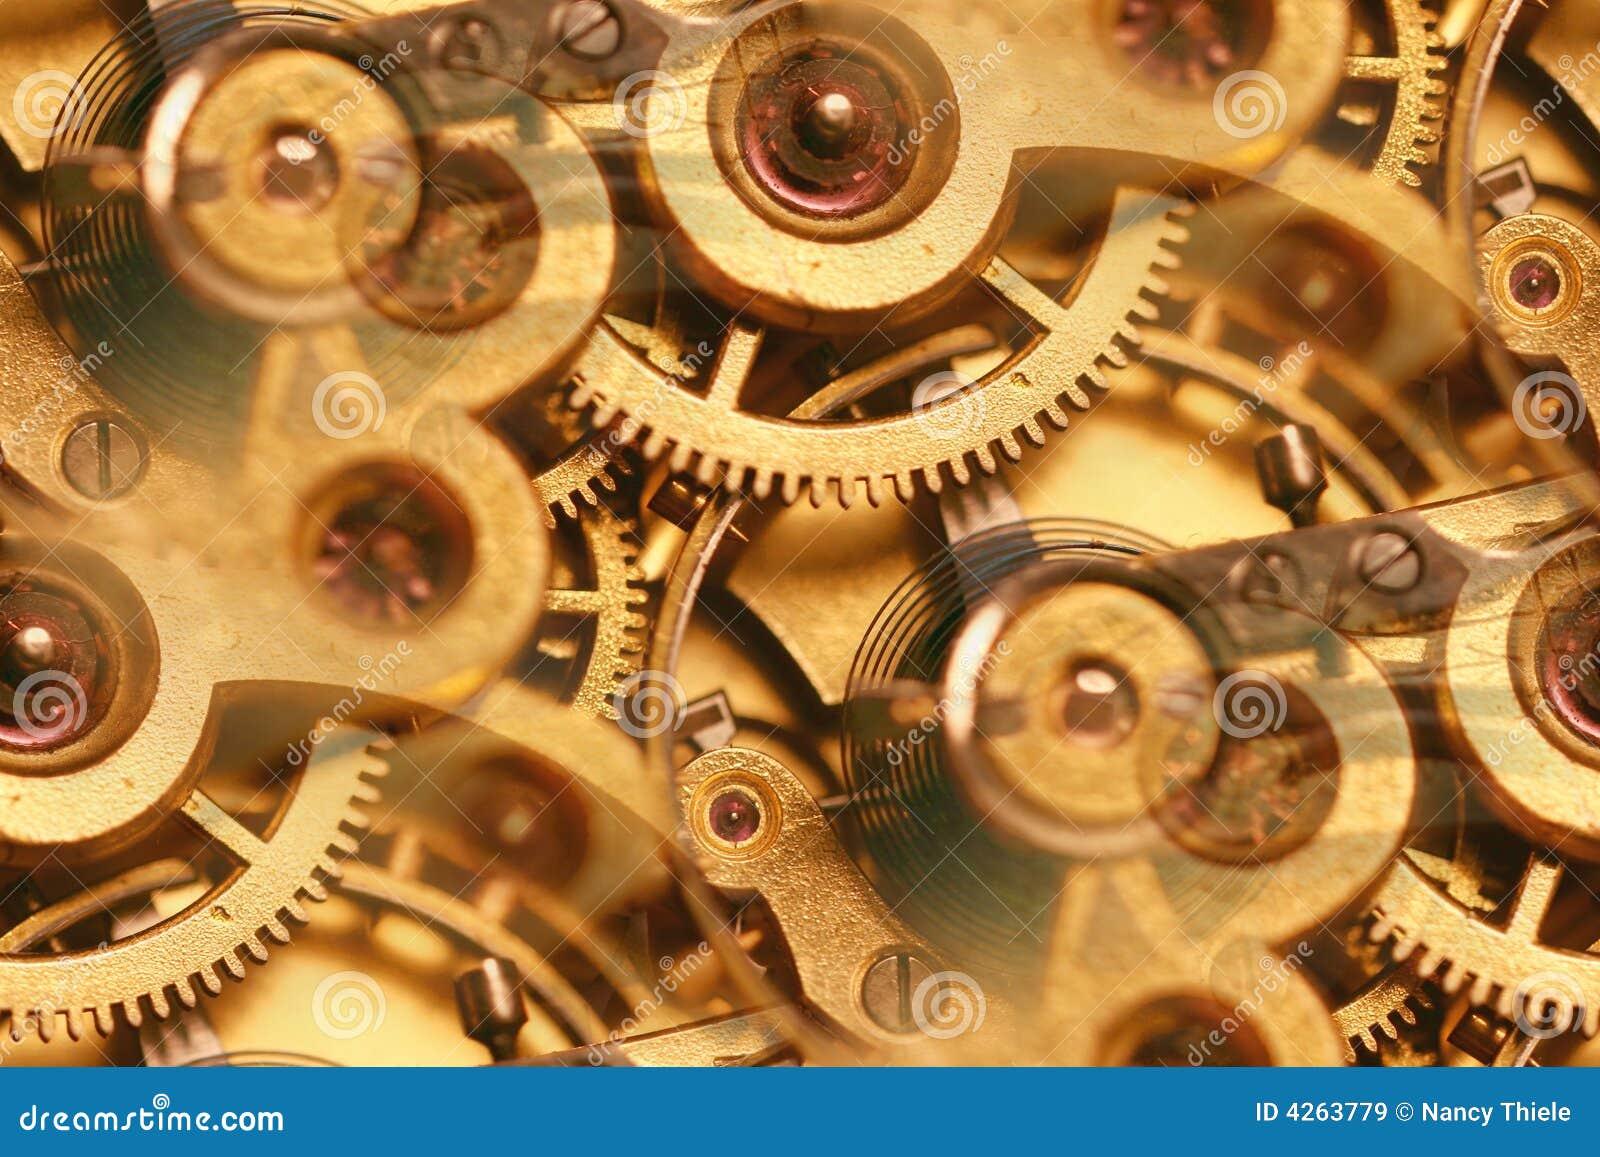 De antieke samenvatting van horloge binnenwerkingen